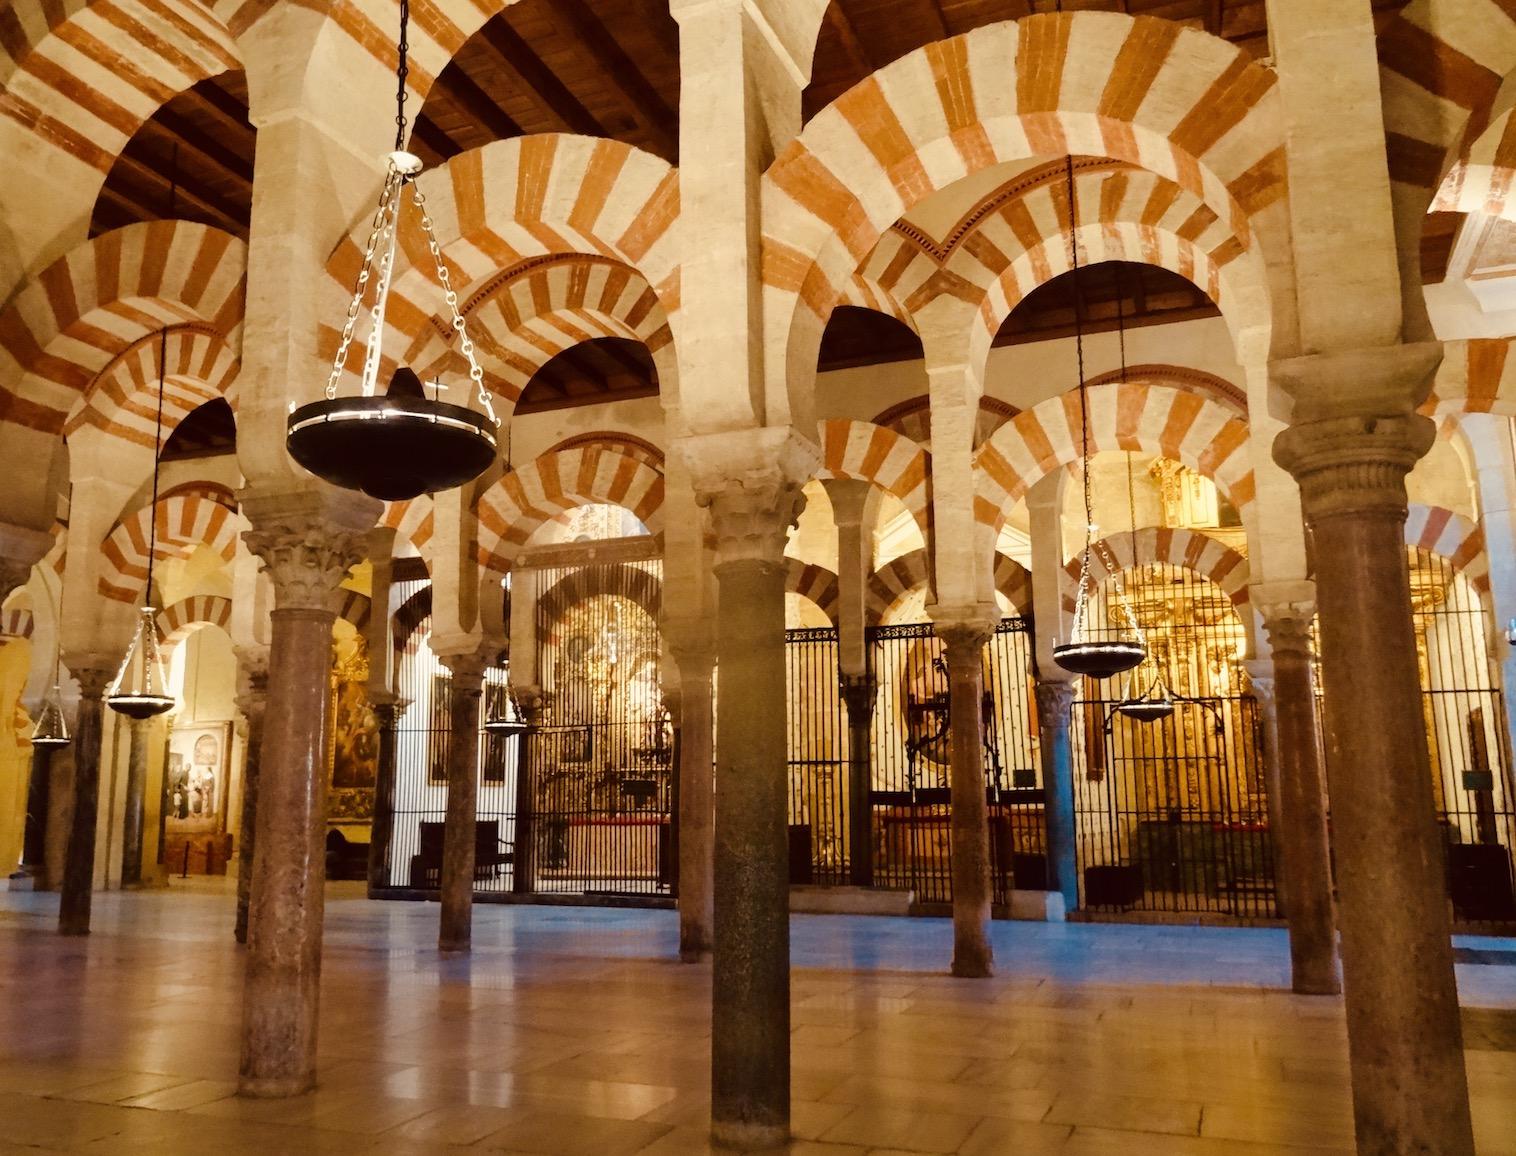 The Mezquita Cordoba Spain.